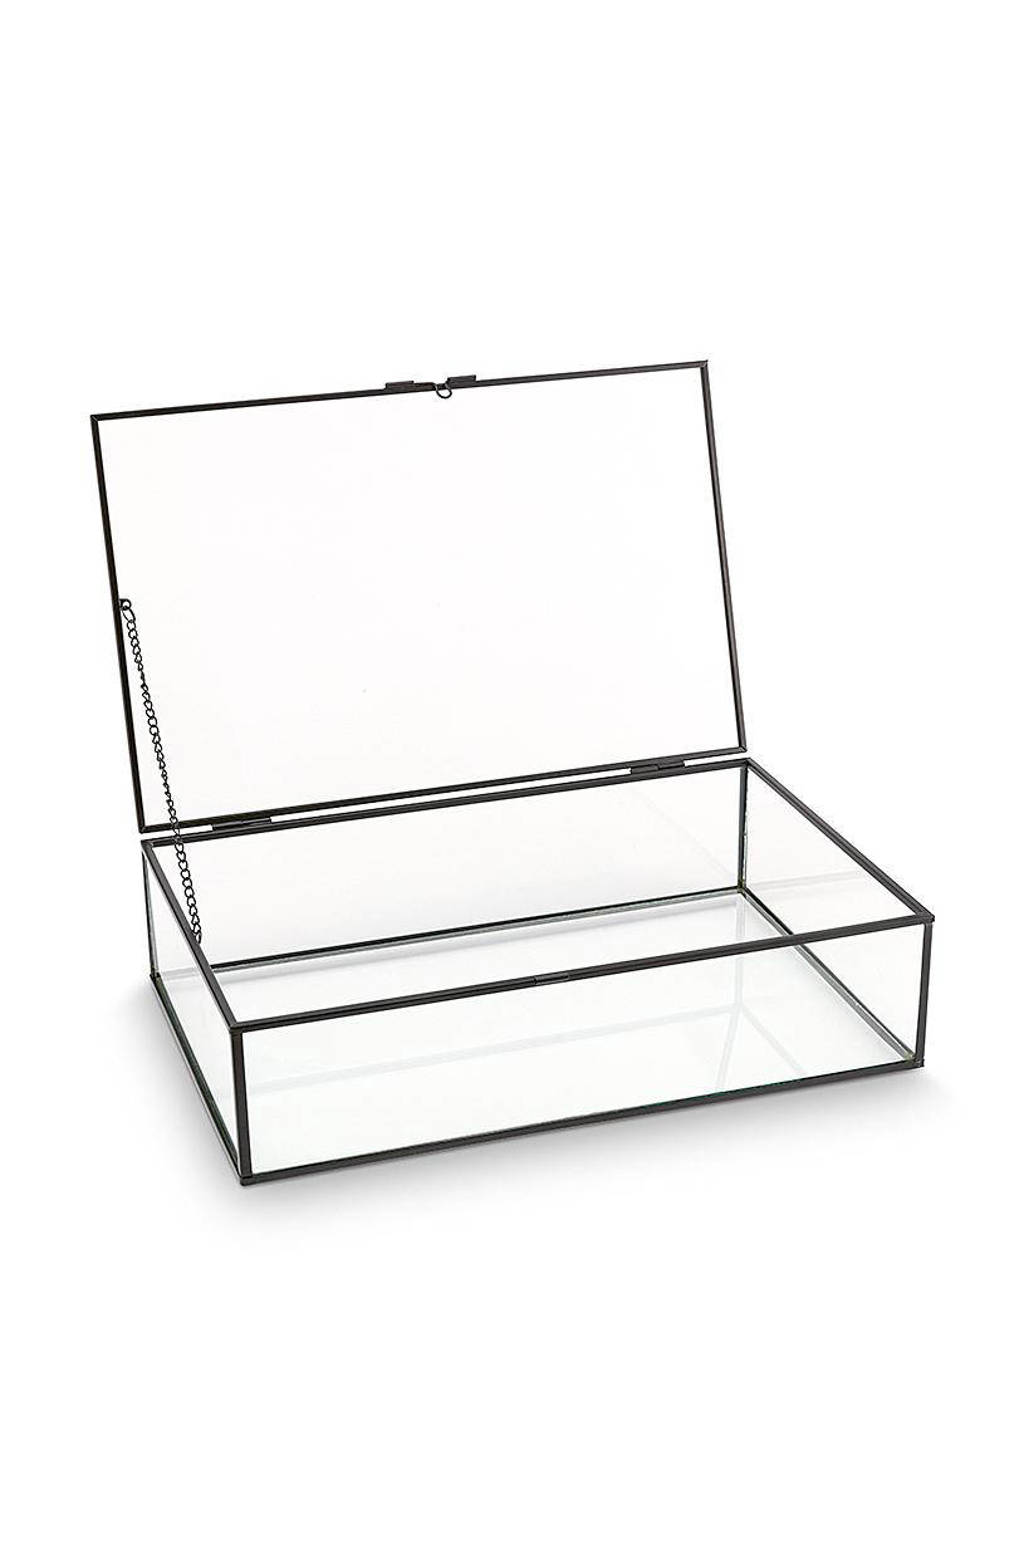 vtwonen displaybox (33x21 cm), Zwart